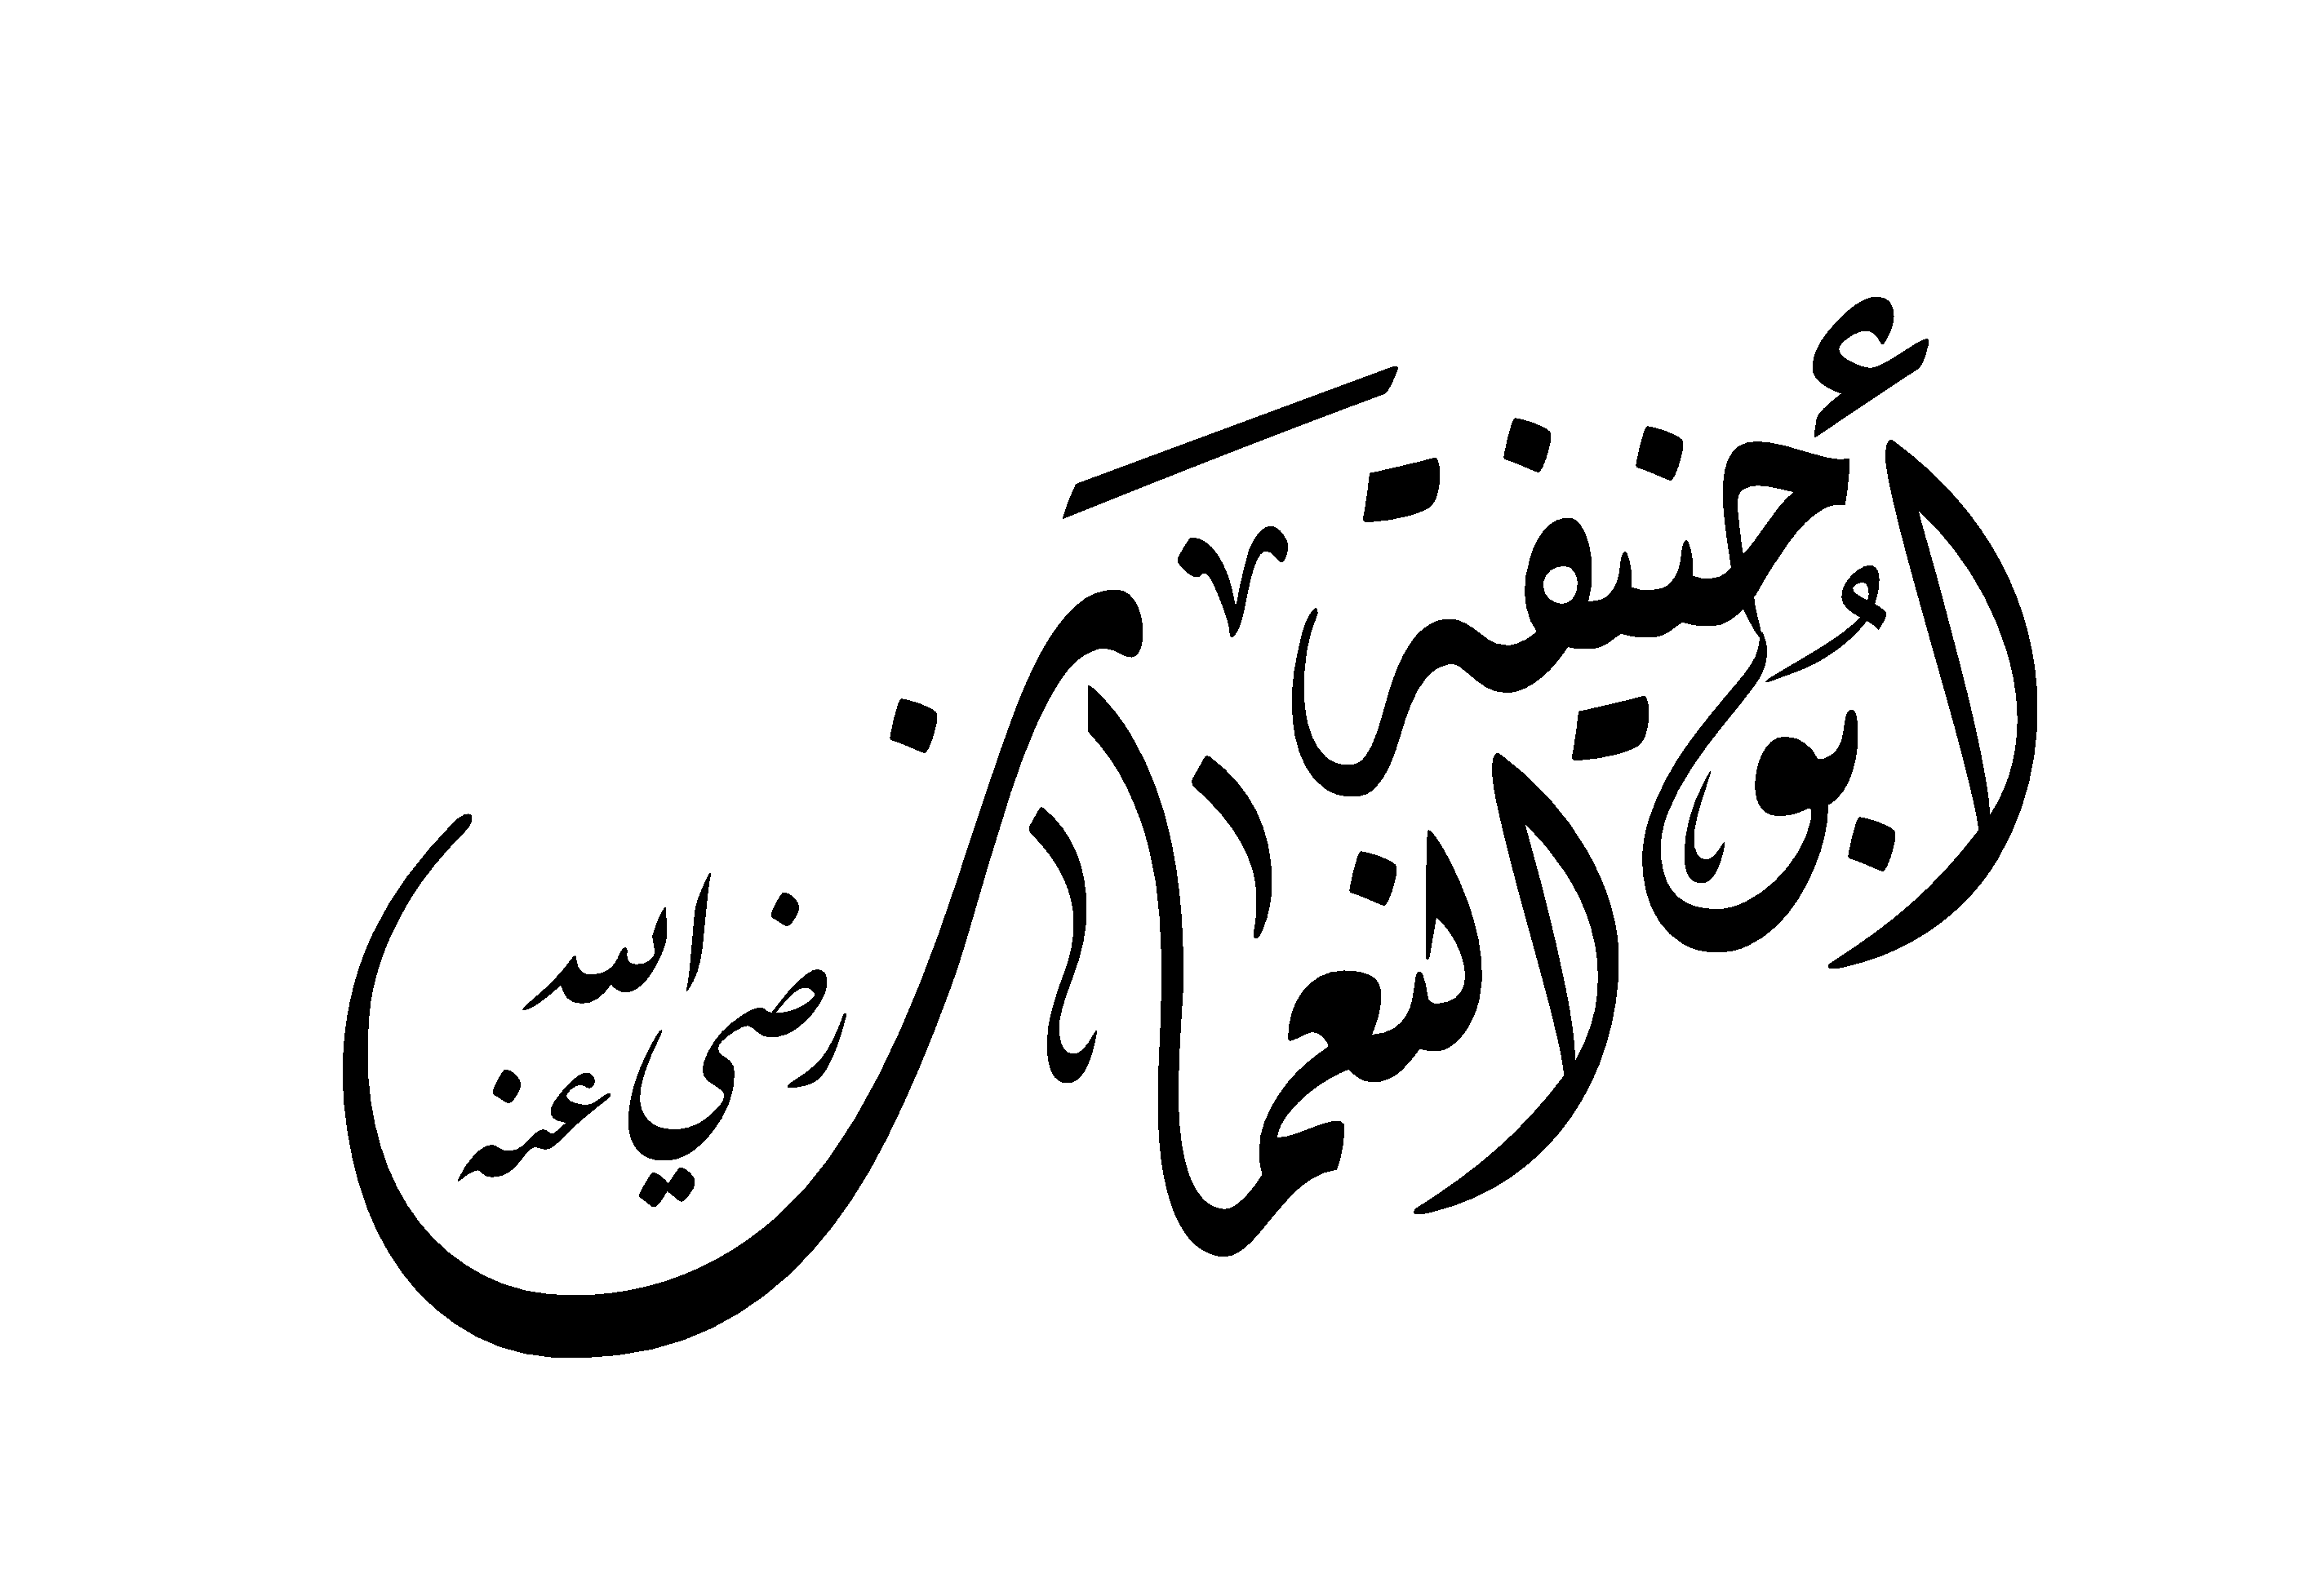 7 KATEGORIJA ISLAMSKIH PRAVNIKA (ar. fukaha - فُقَهَاءُ) U HANEFIJSKOM MEZHEBU